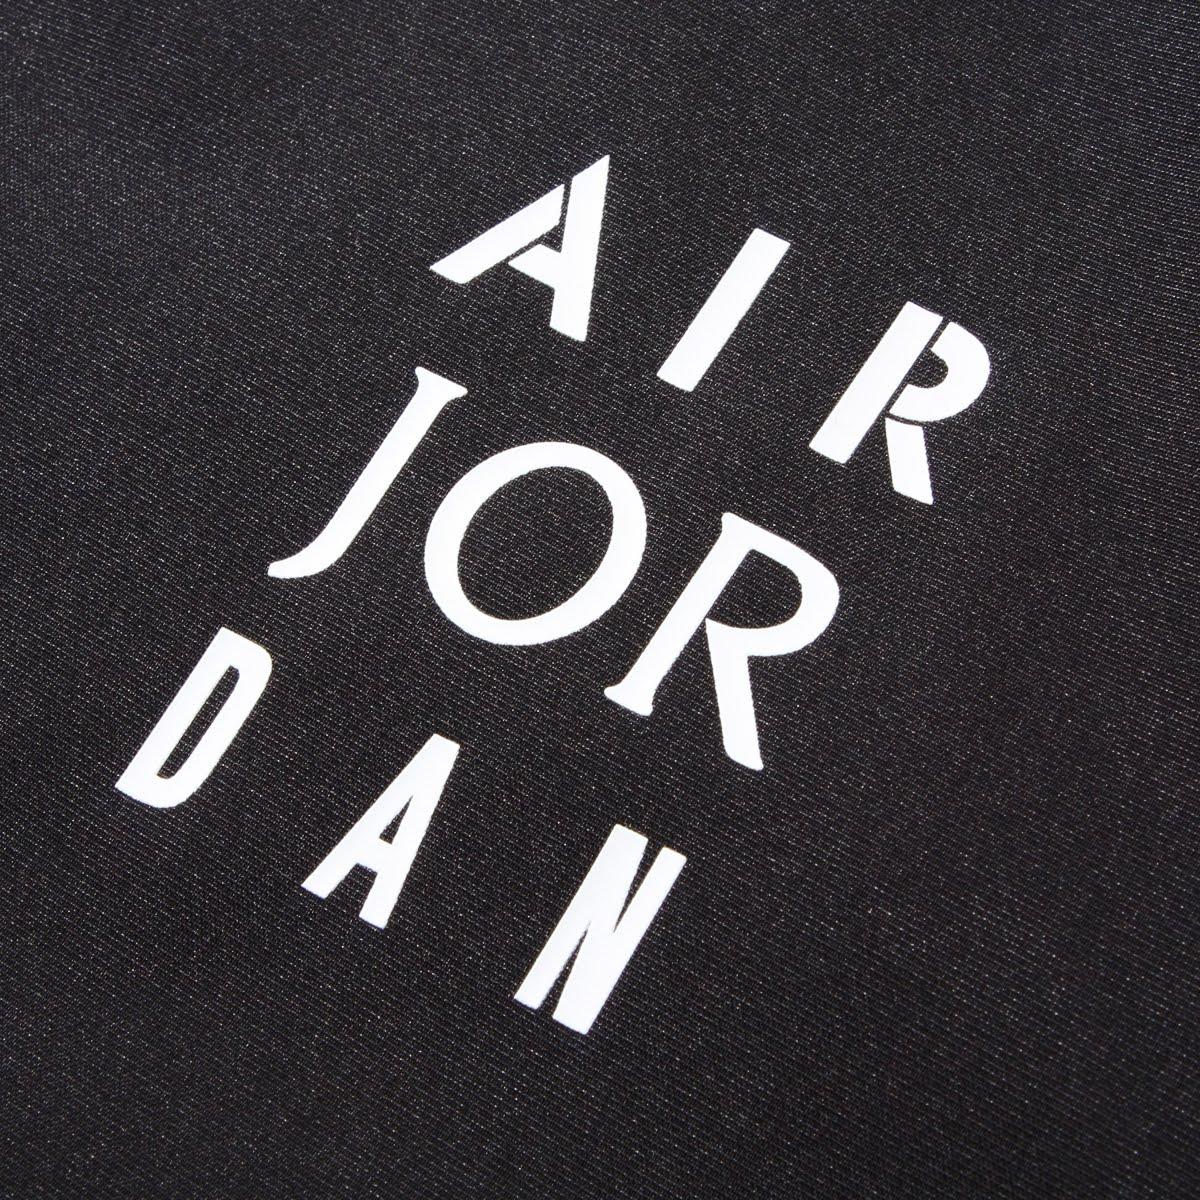 JORDAN BRAND JUMPMAN COACHES JKT ジョーダン ブランド ジョーダン ジャンプマン コーチ ジャケット BLACK WHITE メンズ ジャケット 18SP IrxBeWCod